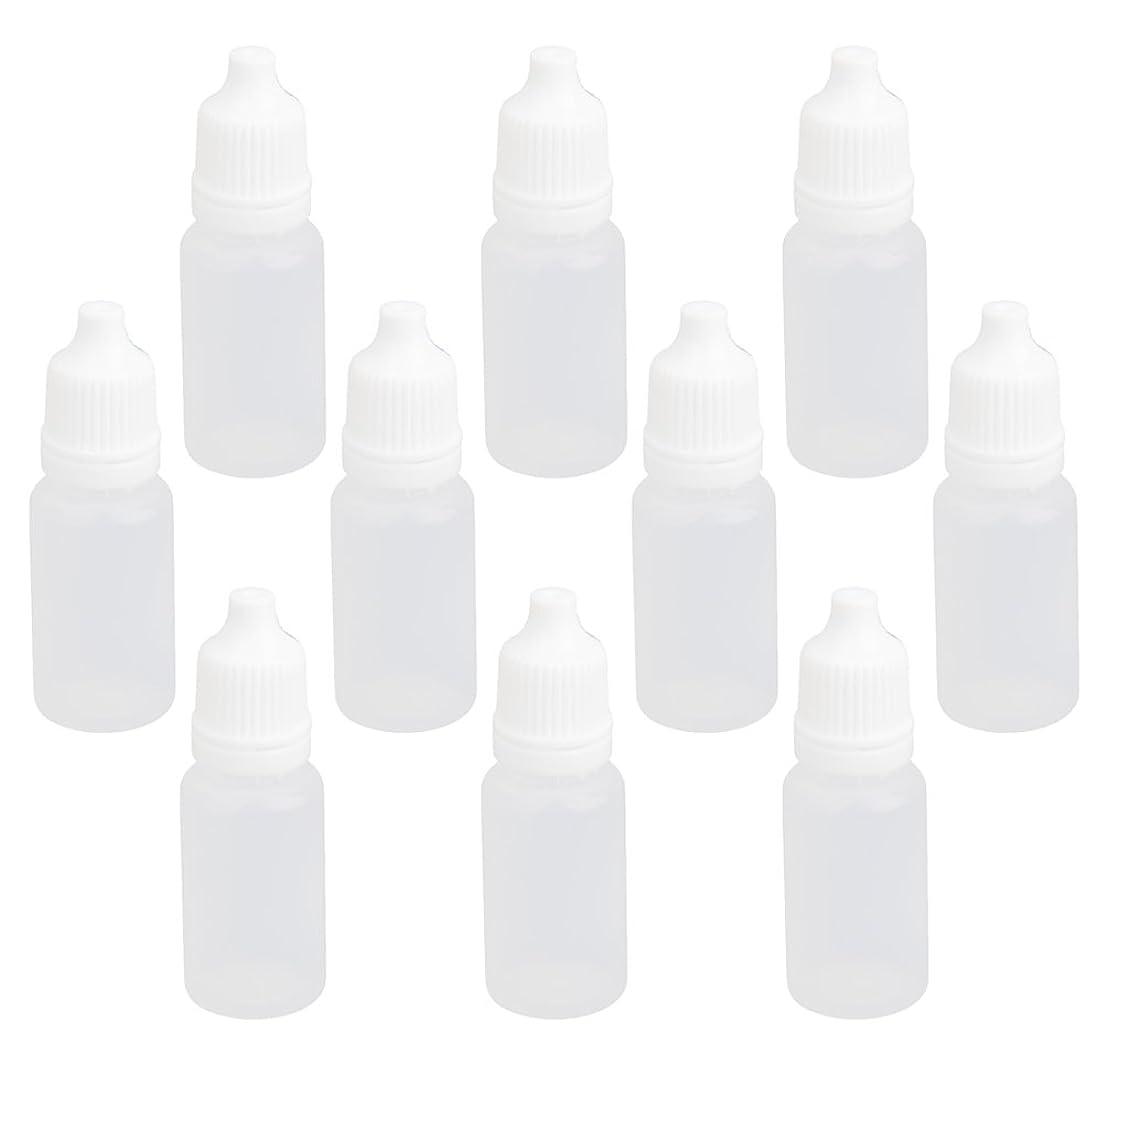 巡礼者包括的その間【ノーブランド品】点眼 液体貯蔵用 プラスチック製 ドロッパーボトル 滴瓶 10ml 10個